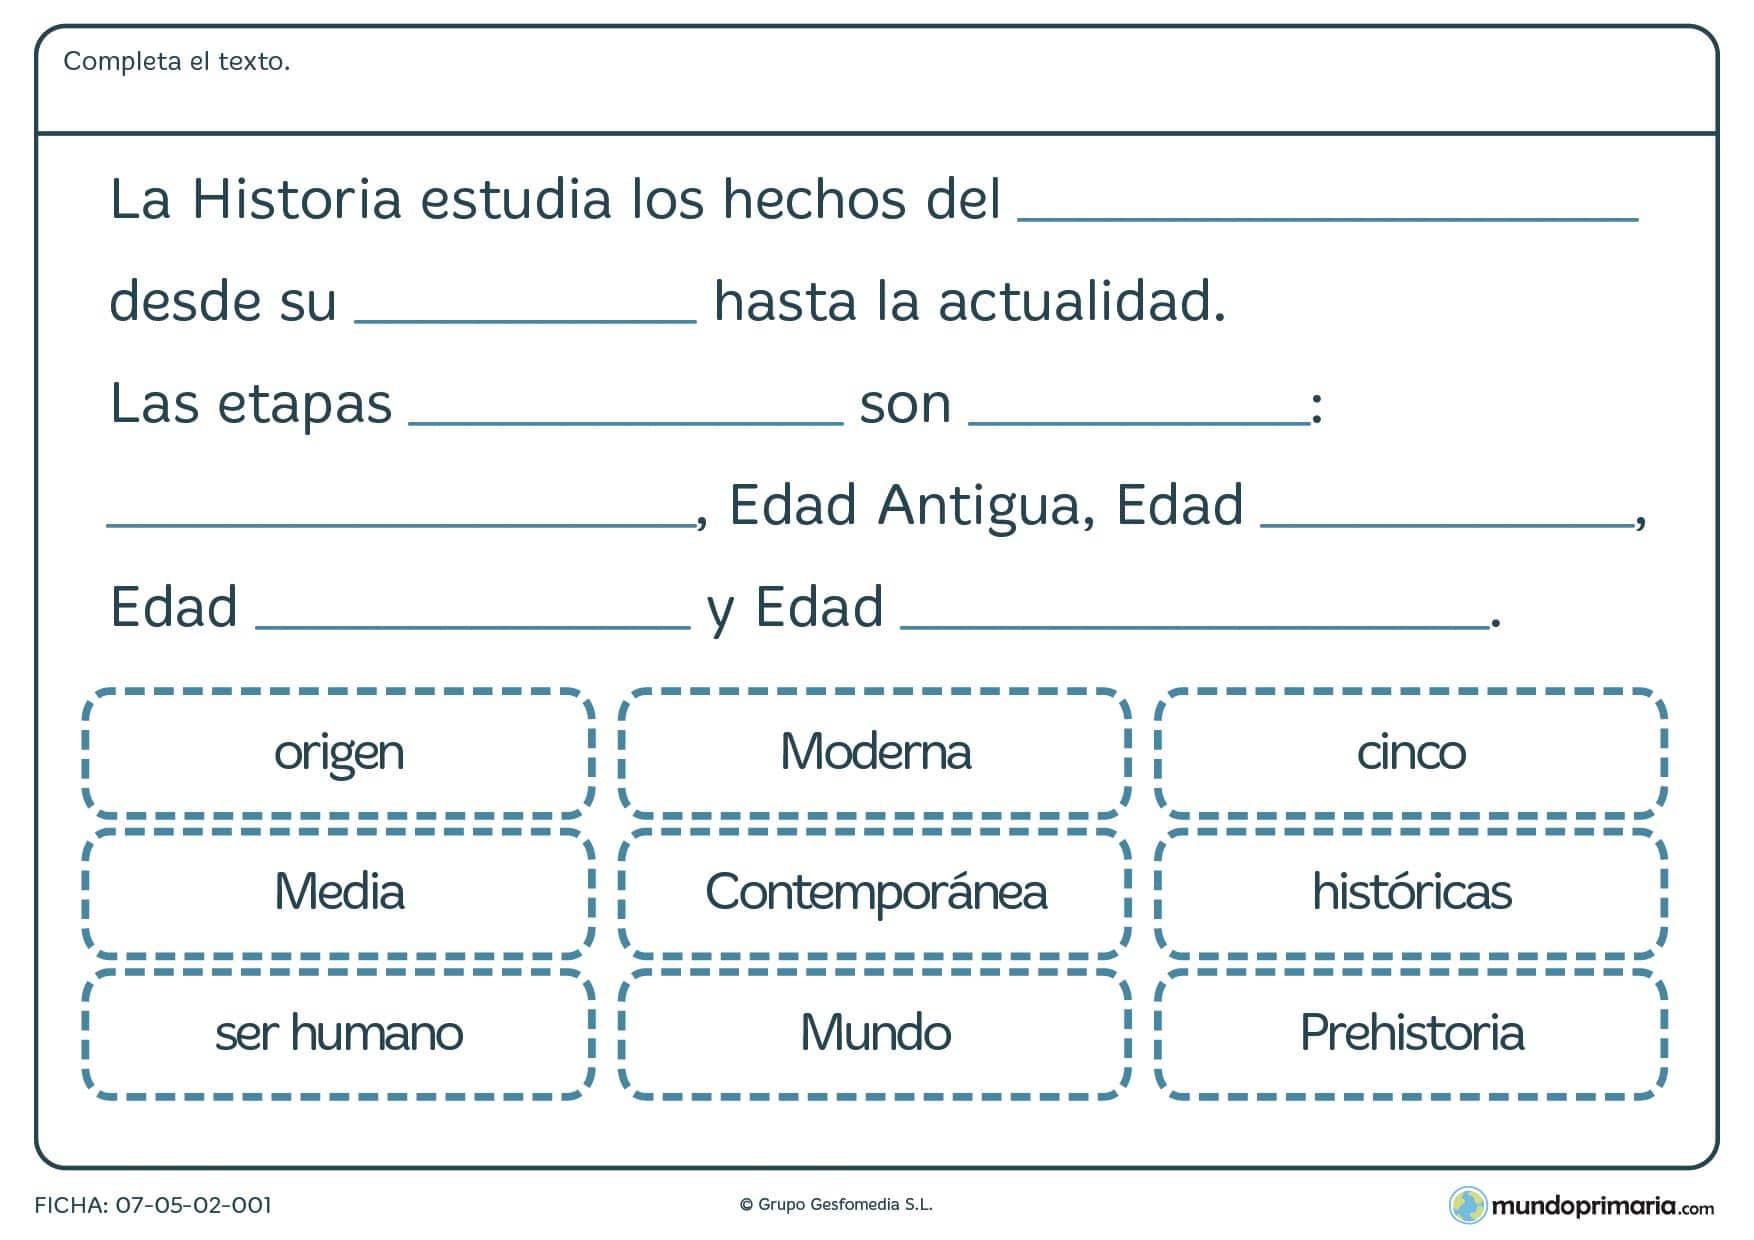 Ficha de etapas de la historia en la que hay que rellenar los campos vacío para llegar a obtener la definición de historia.